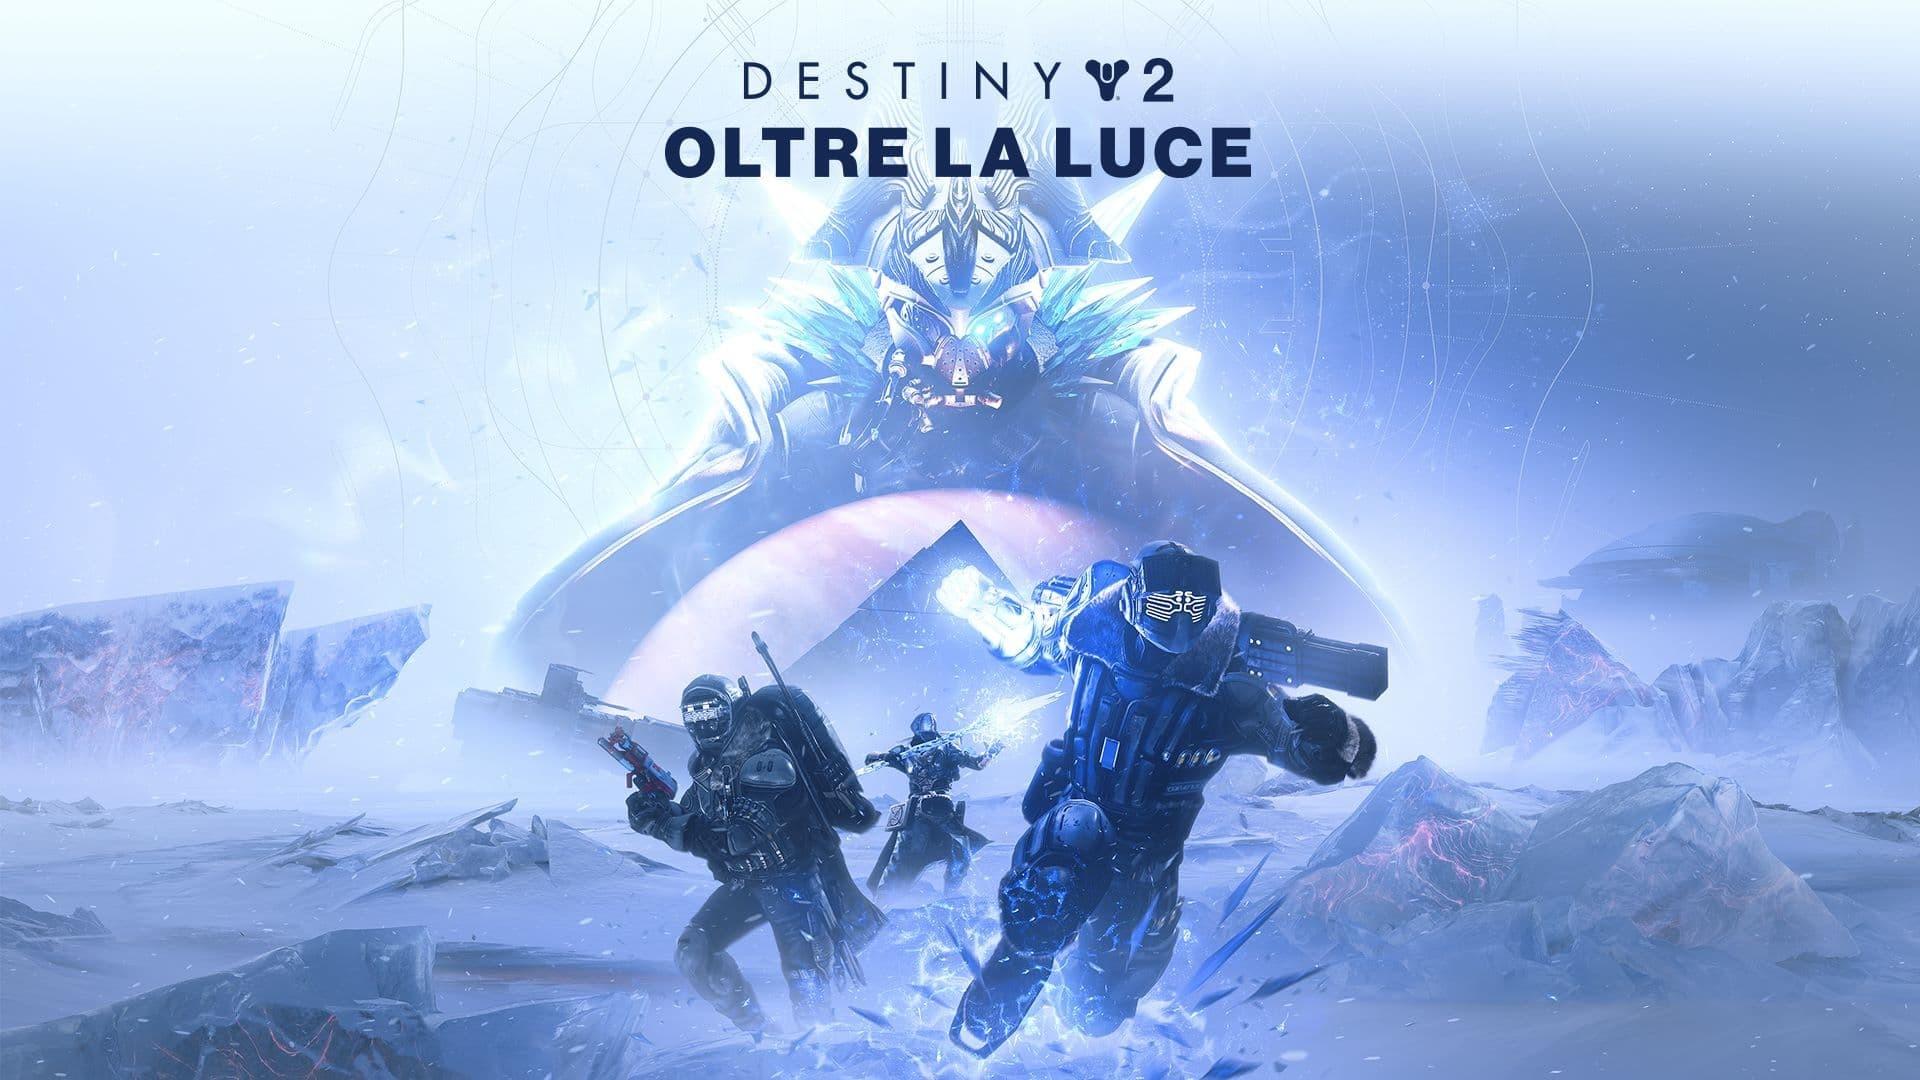 Destiny 2 Oltre la Luce copertina titolo e Europa